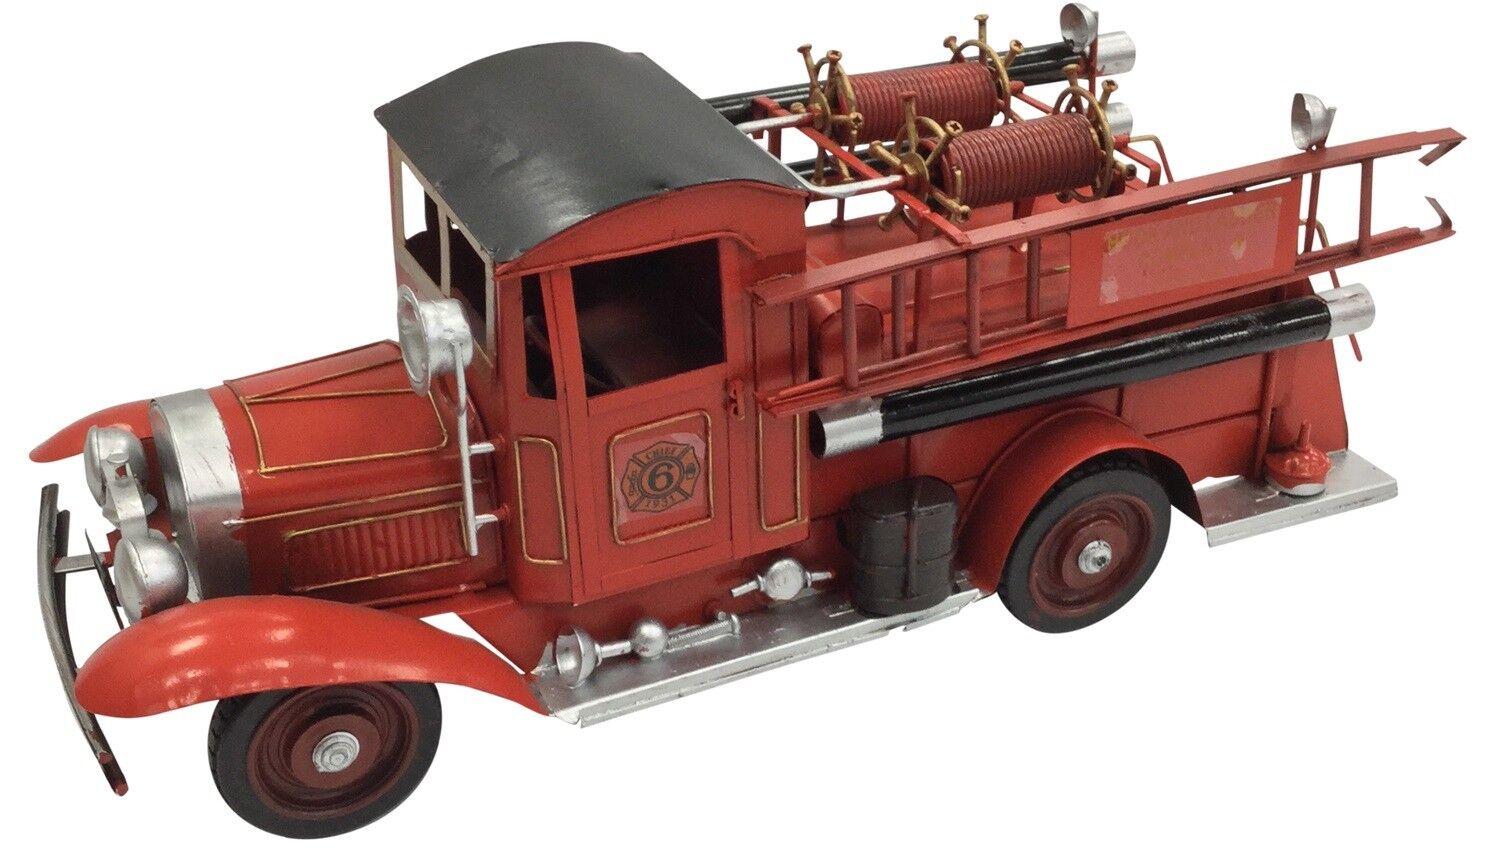 Classique Vintage Extra Large Rouge Fourgon D'Incendie Boite Métal 40cm Longueur